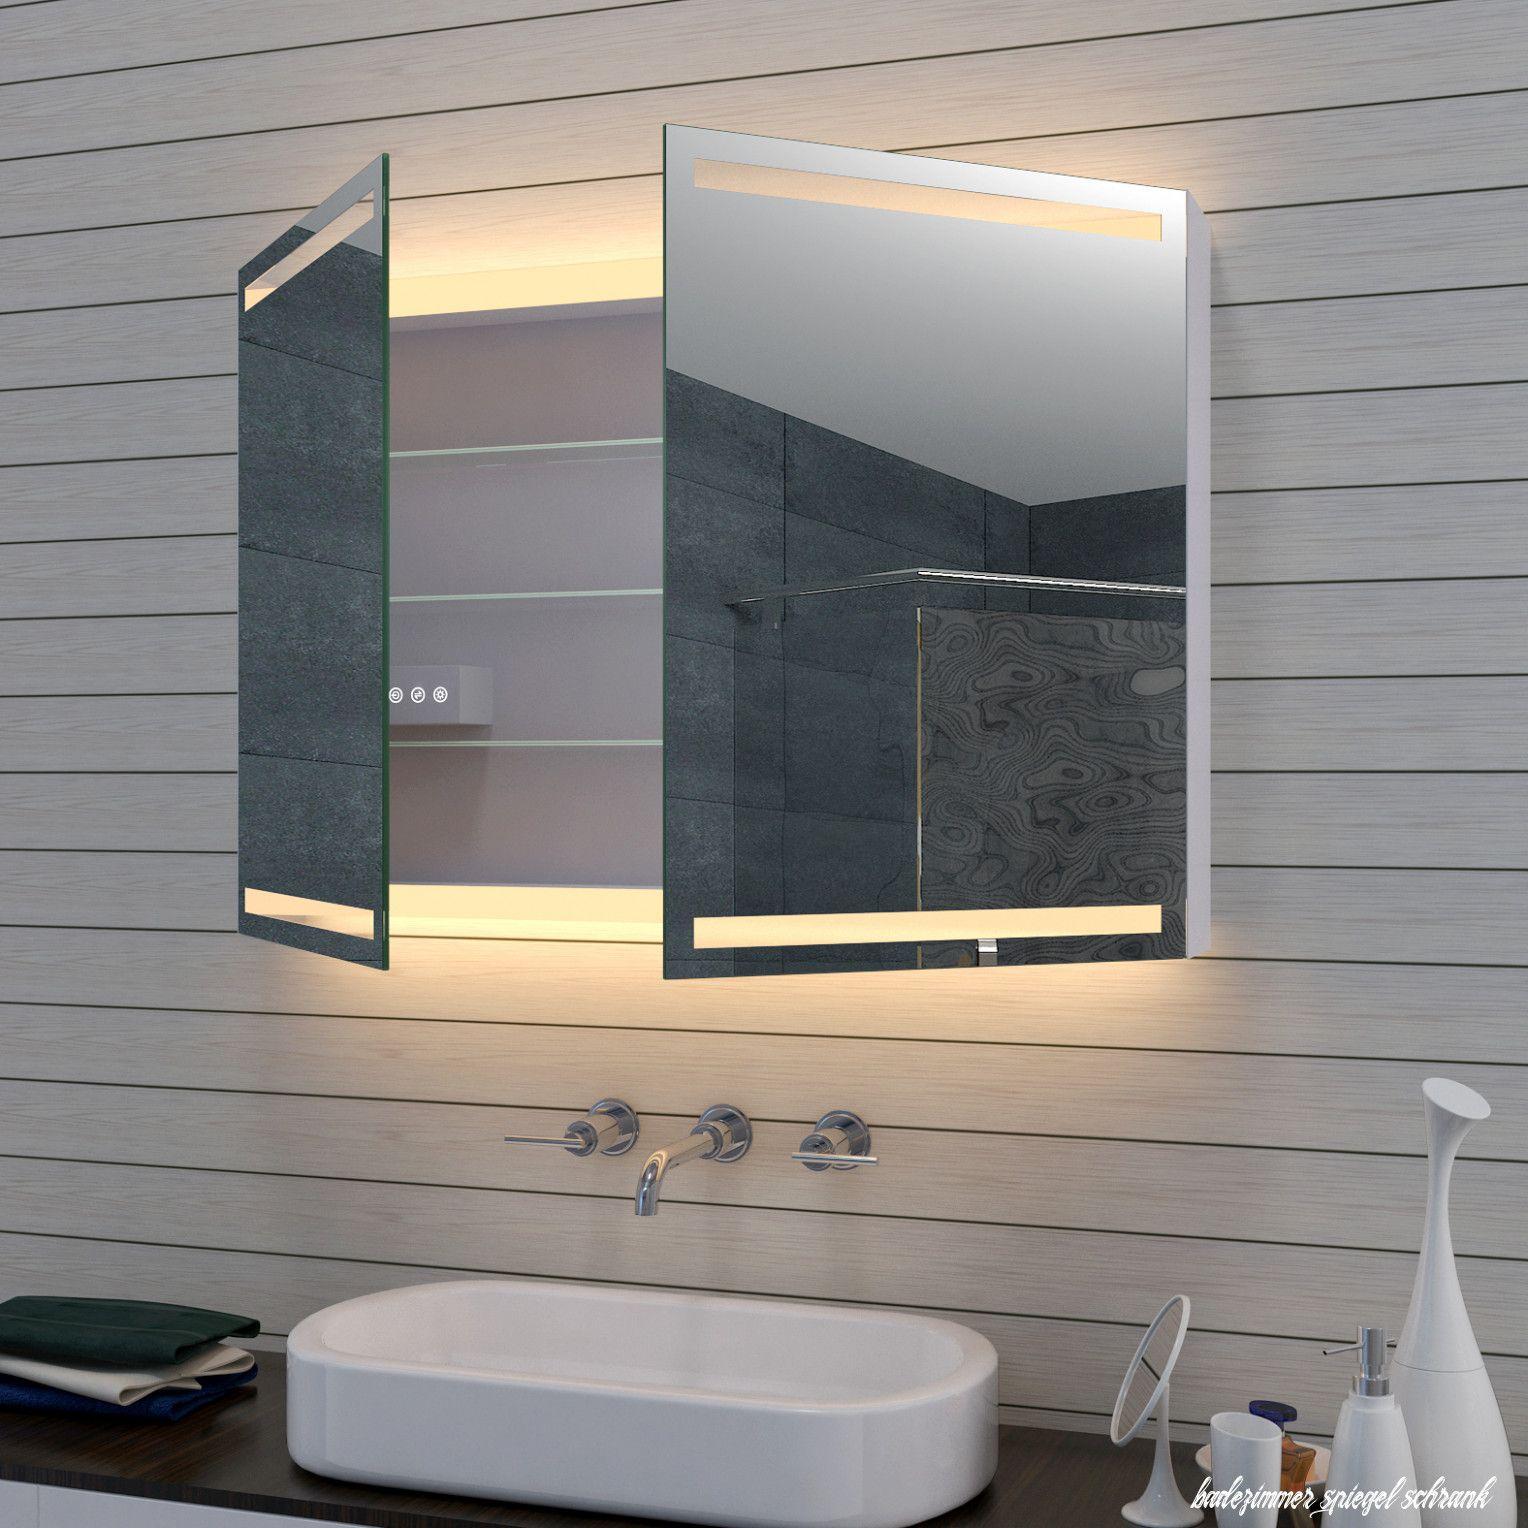 Unsere Exklusive Badmobelserie Edition Lignatur Von Keuco Konnen Sie In Der Bad Comfort Ausstellung Bei Wes Badezimmer Badezimmer Umgestalten Badezimmerideen